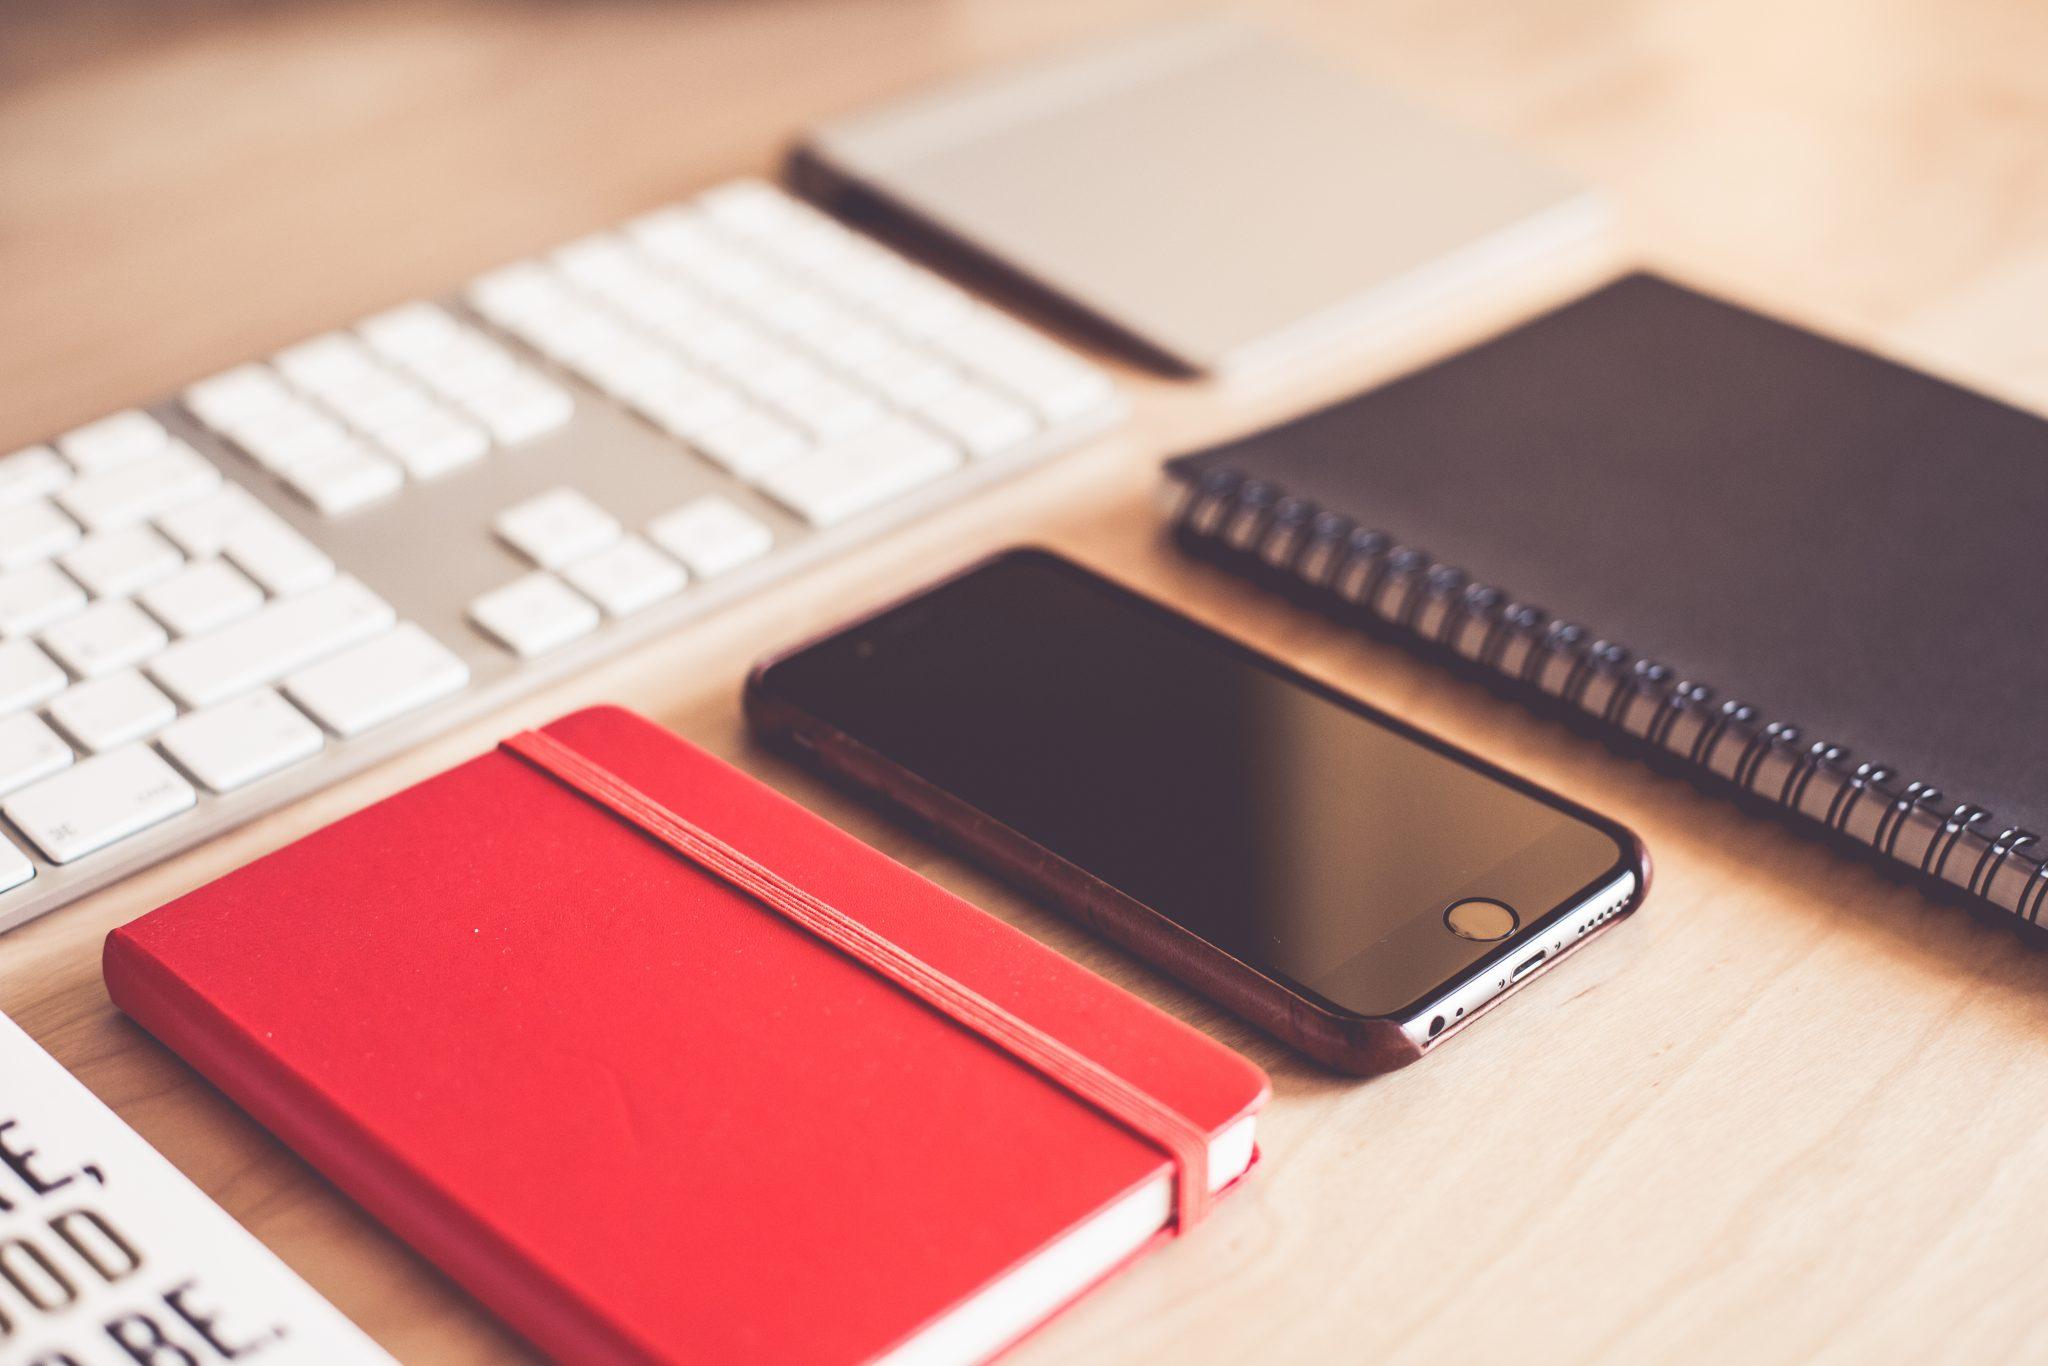 modern-graphic-designer-essentials-picjumbo-com